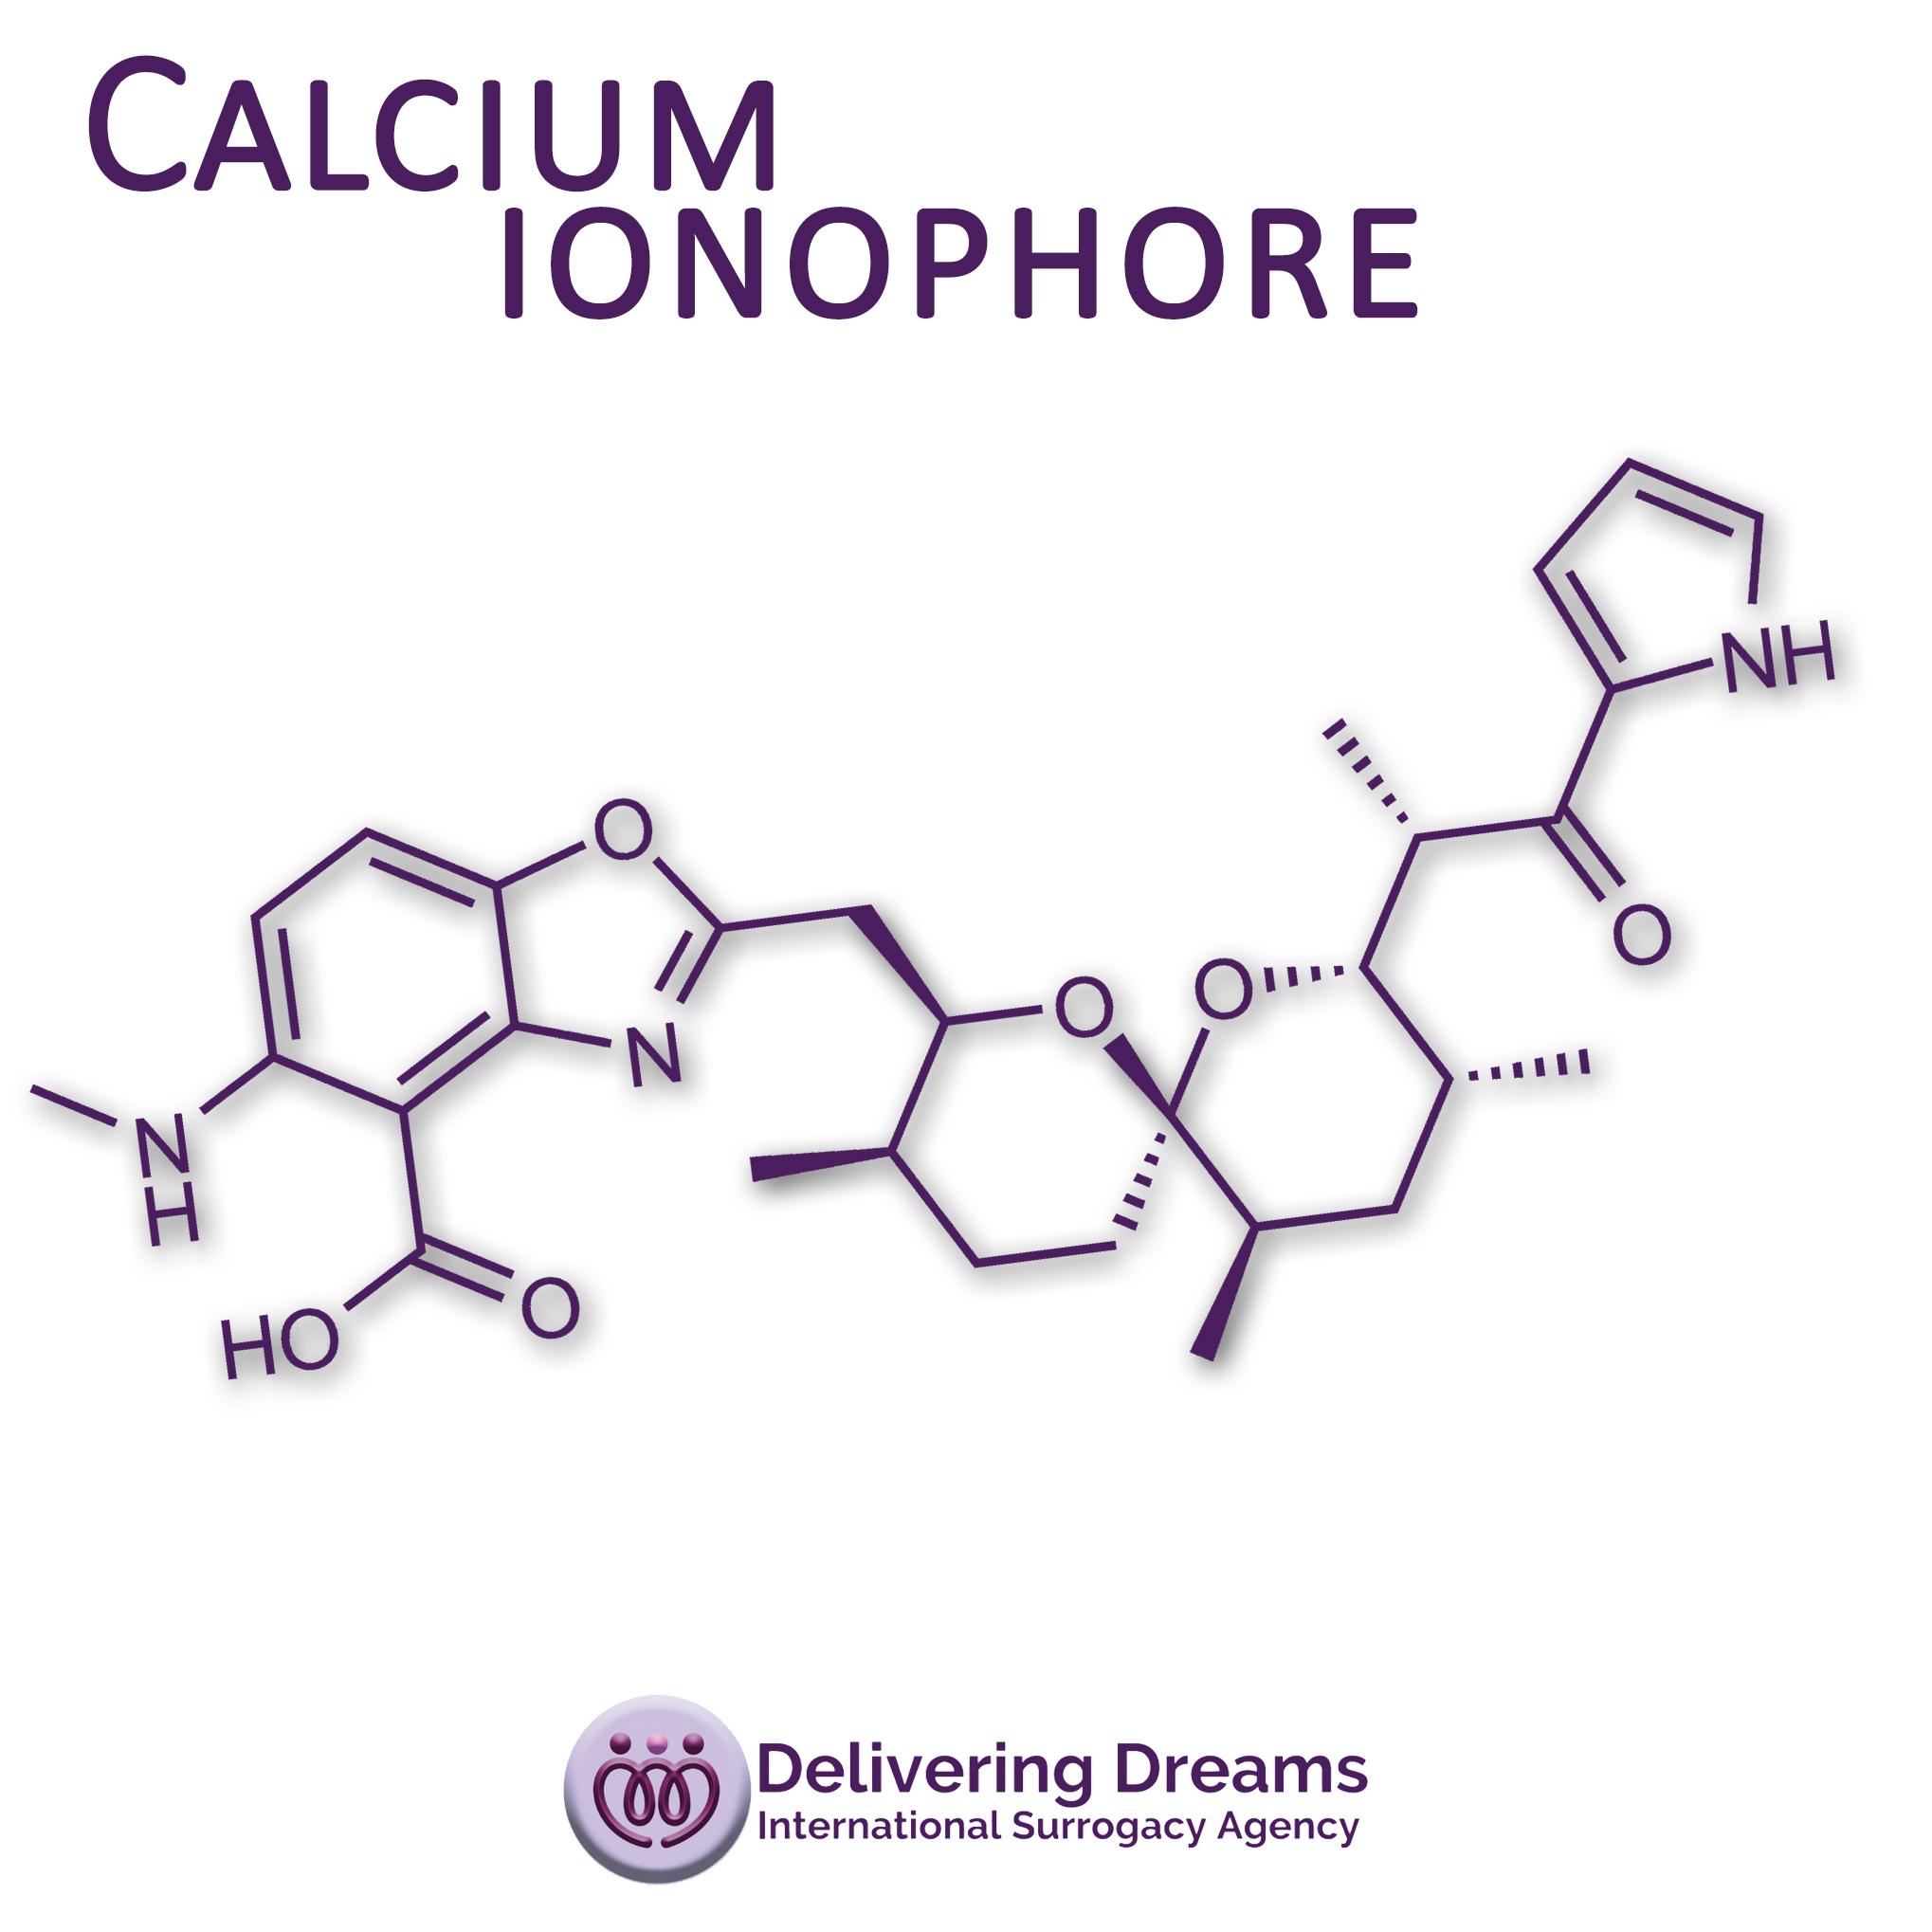 Calcium ionophore